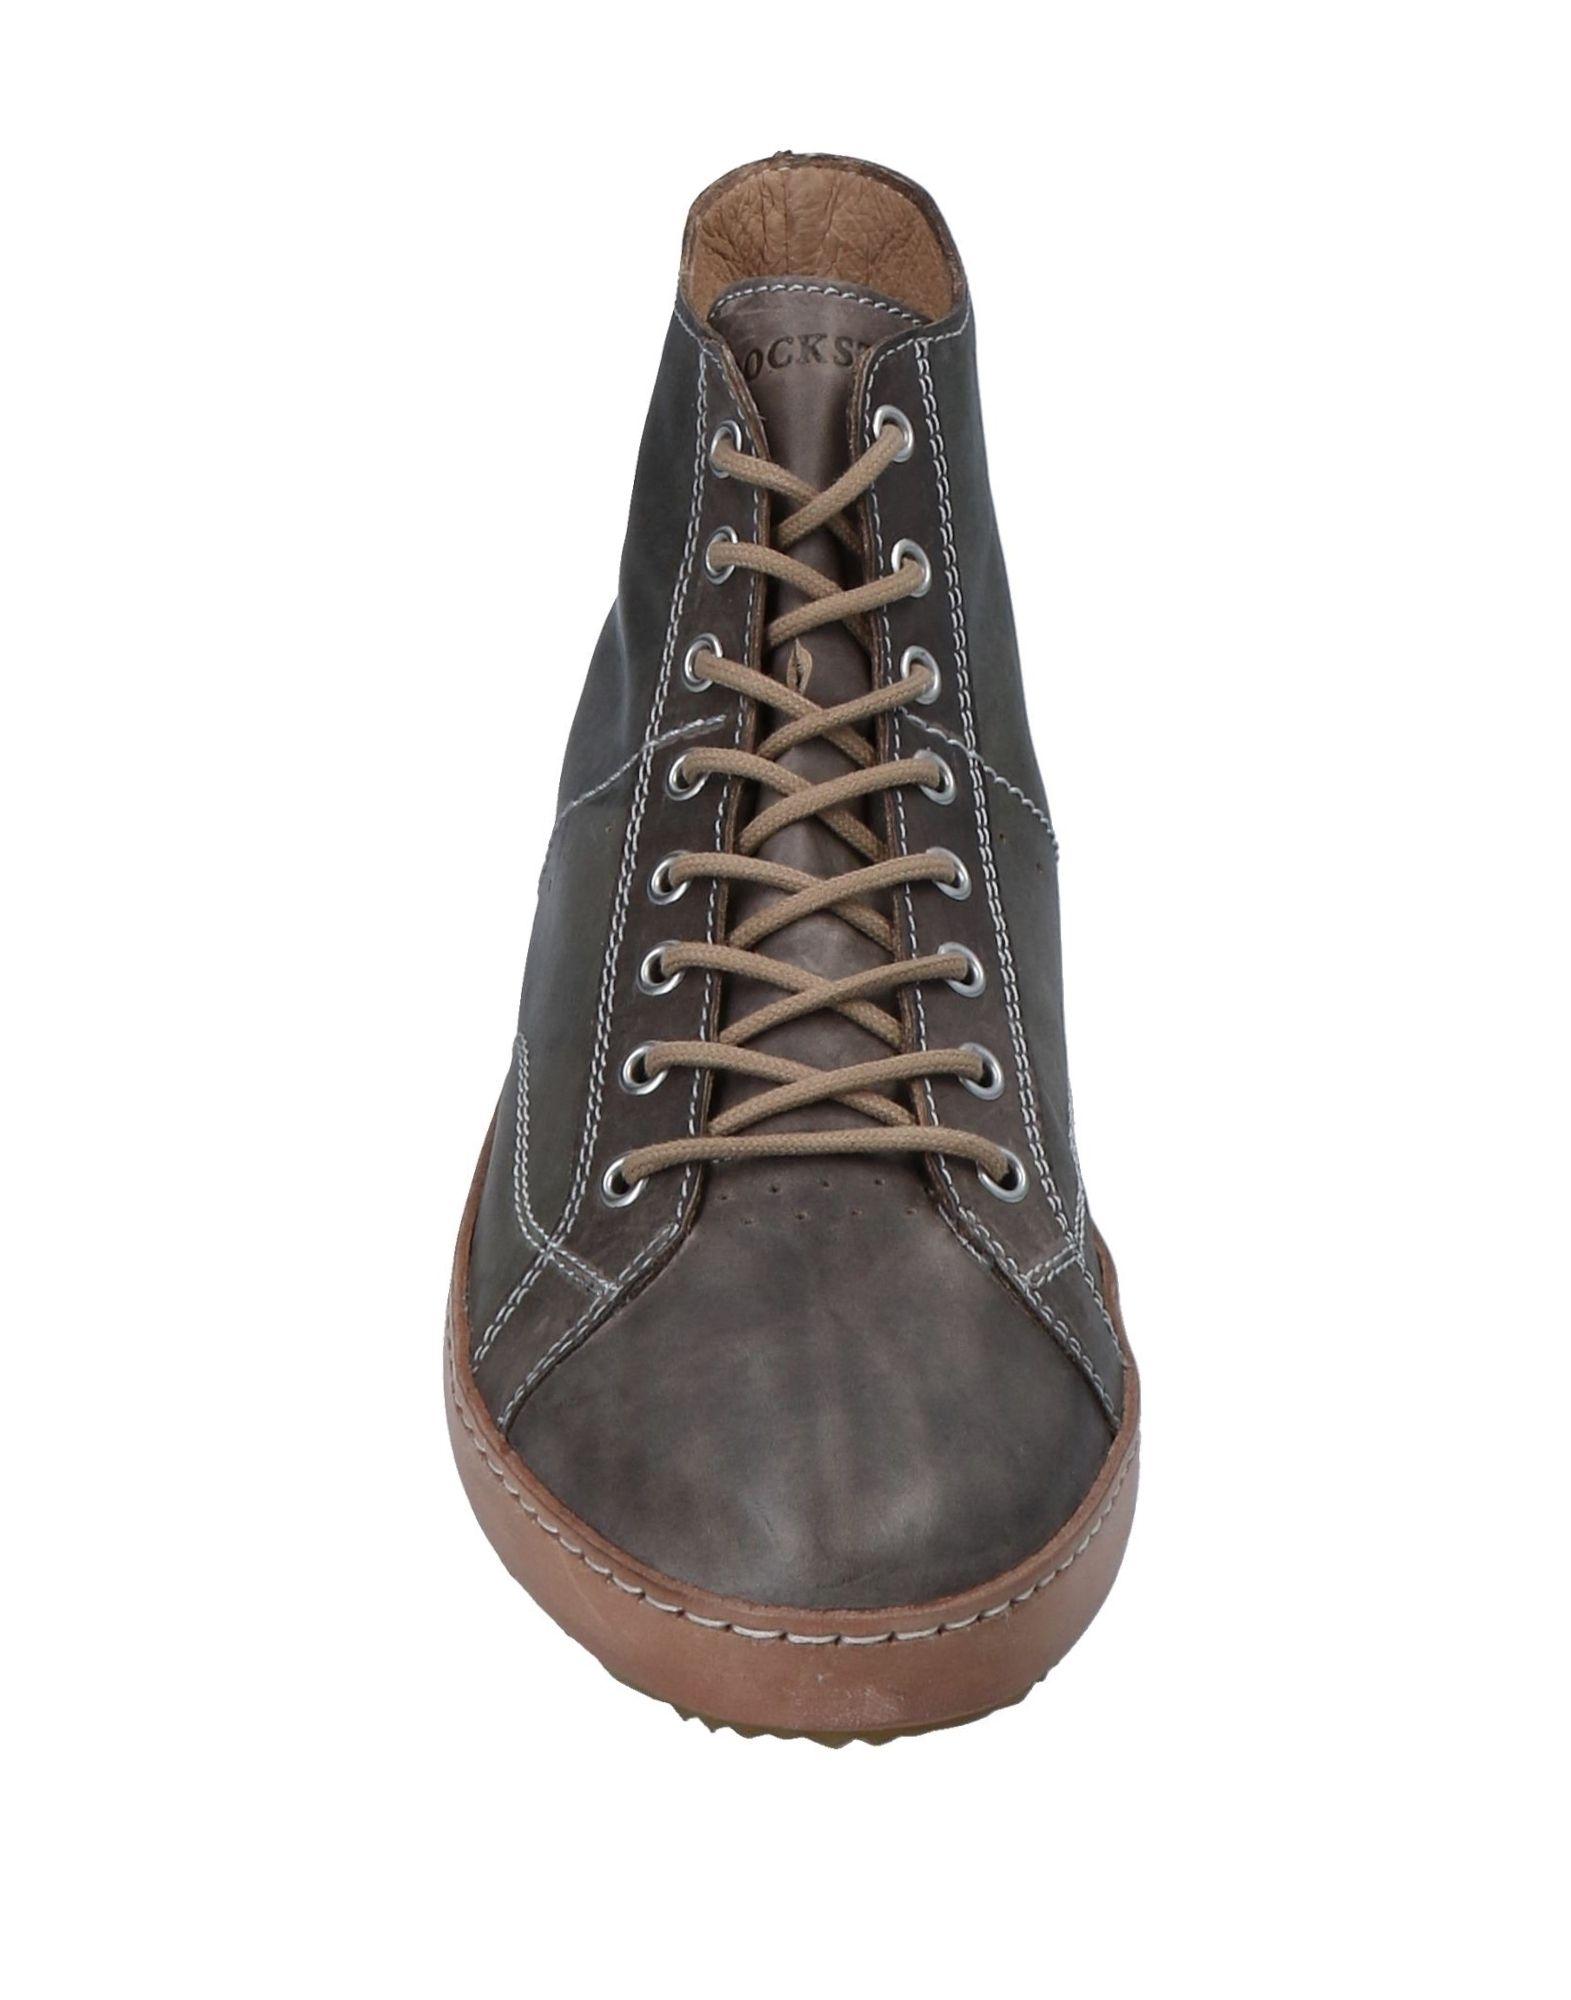 Rabatt echte  Schuhe Docksteps Sneakers Herren  echte 11547931UD 026c93